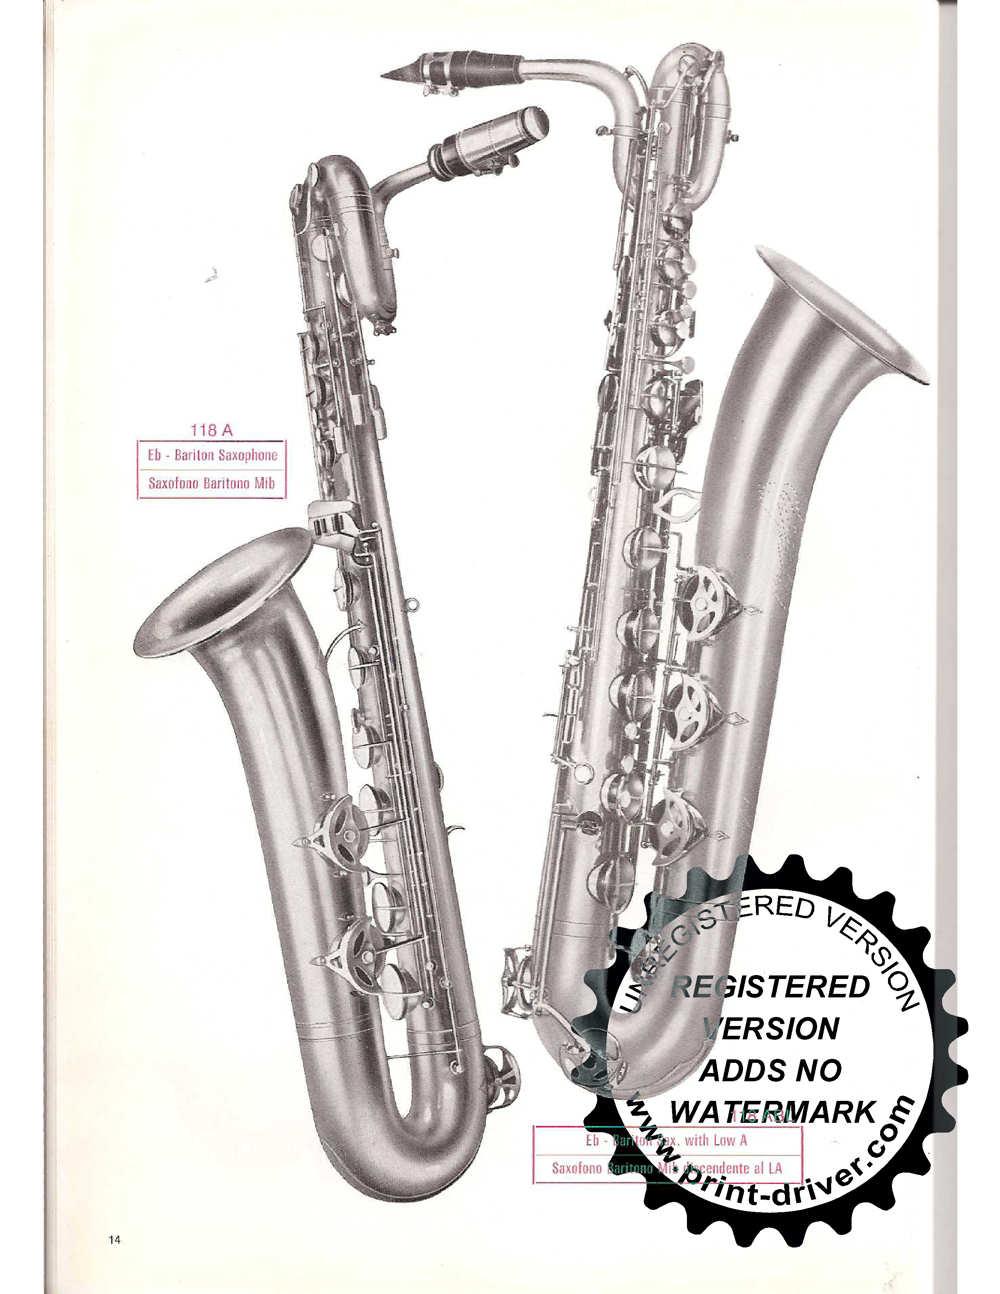 Serial numbers saxophone orsi La Monte